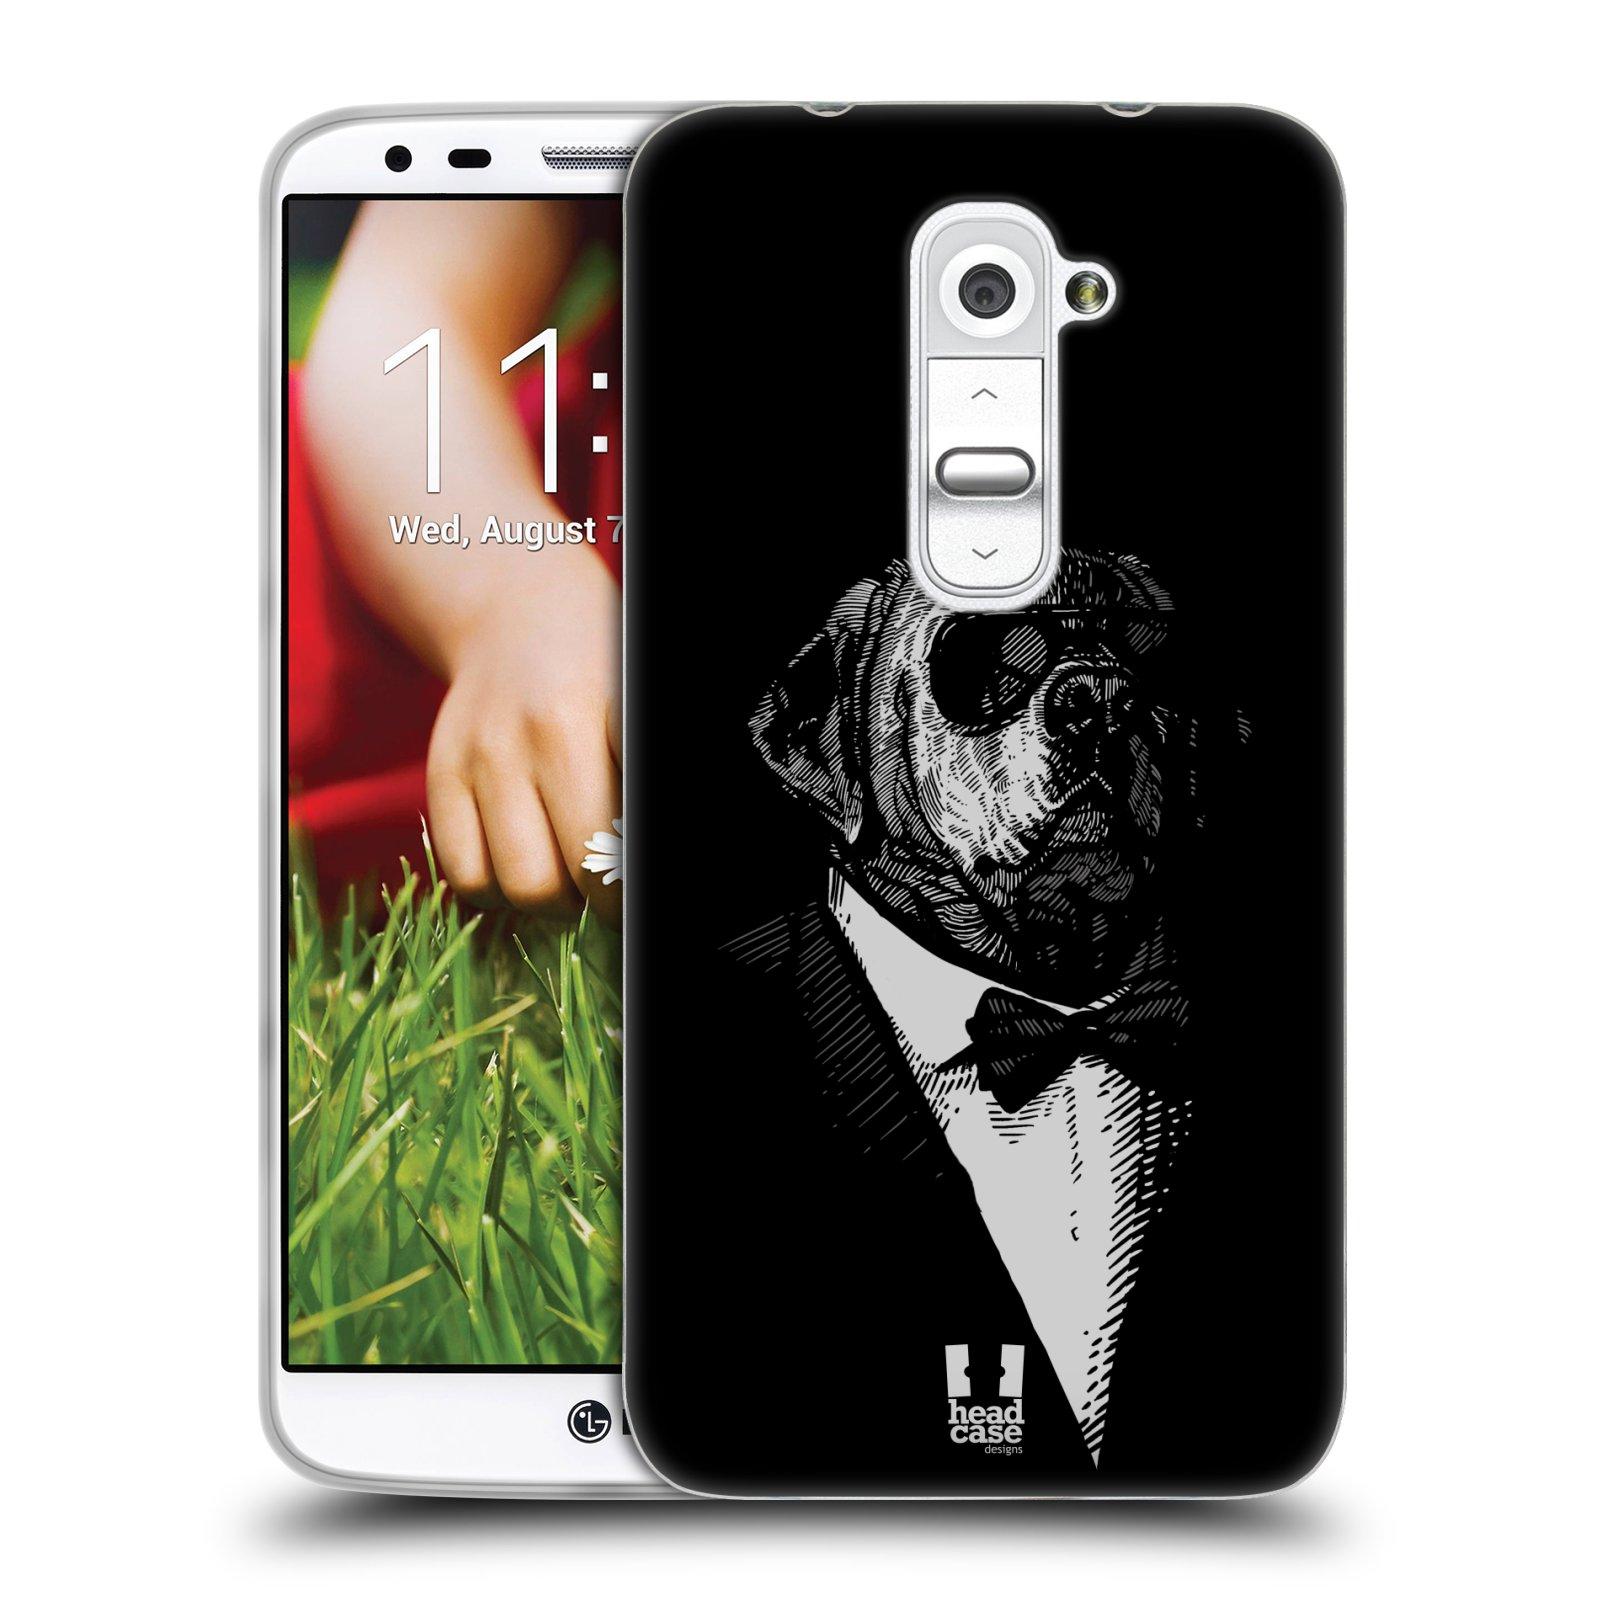 HEAD CASE silikonový obal na mobil LG G2 vzor Zvíře v obleku pes